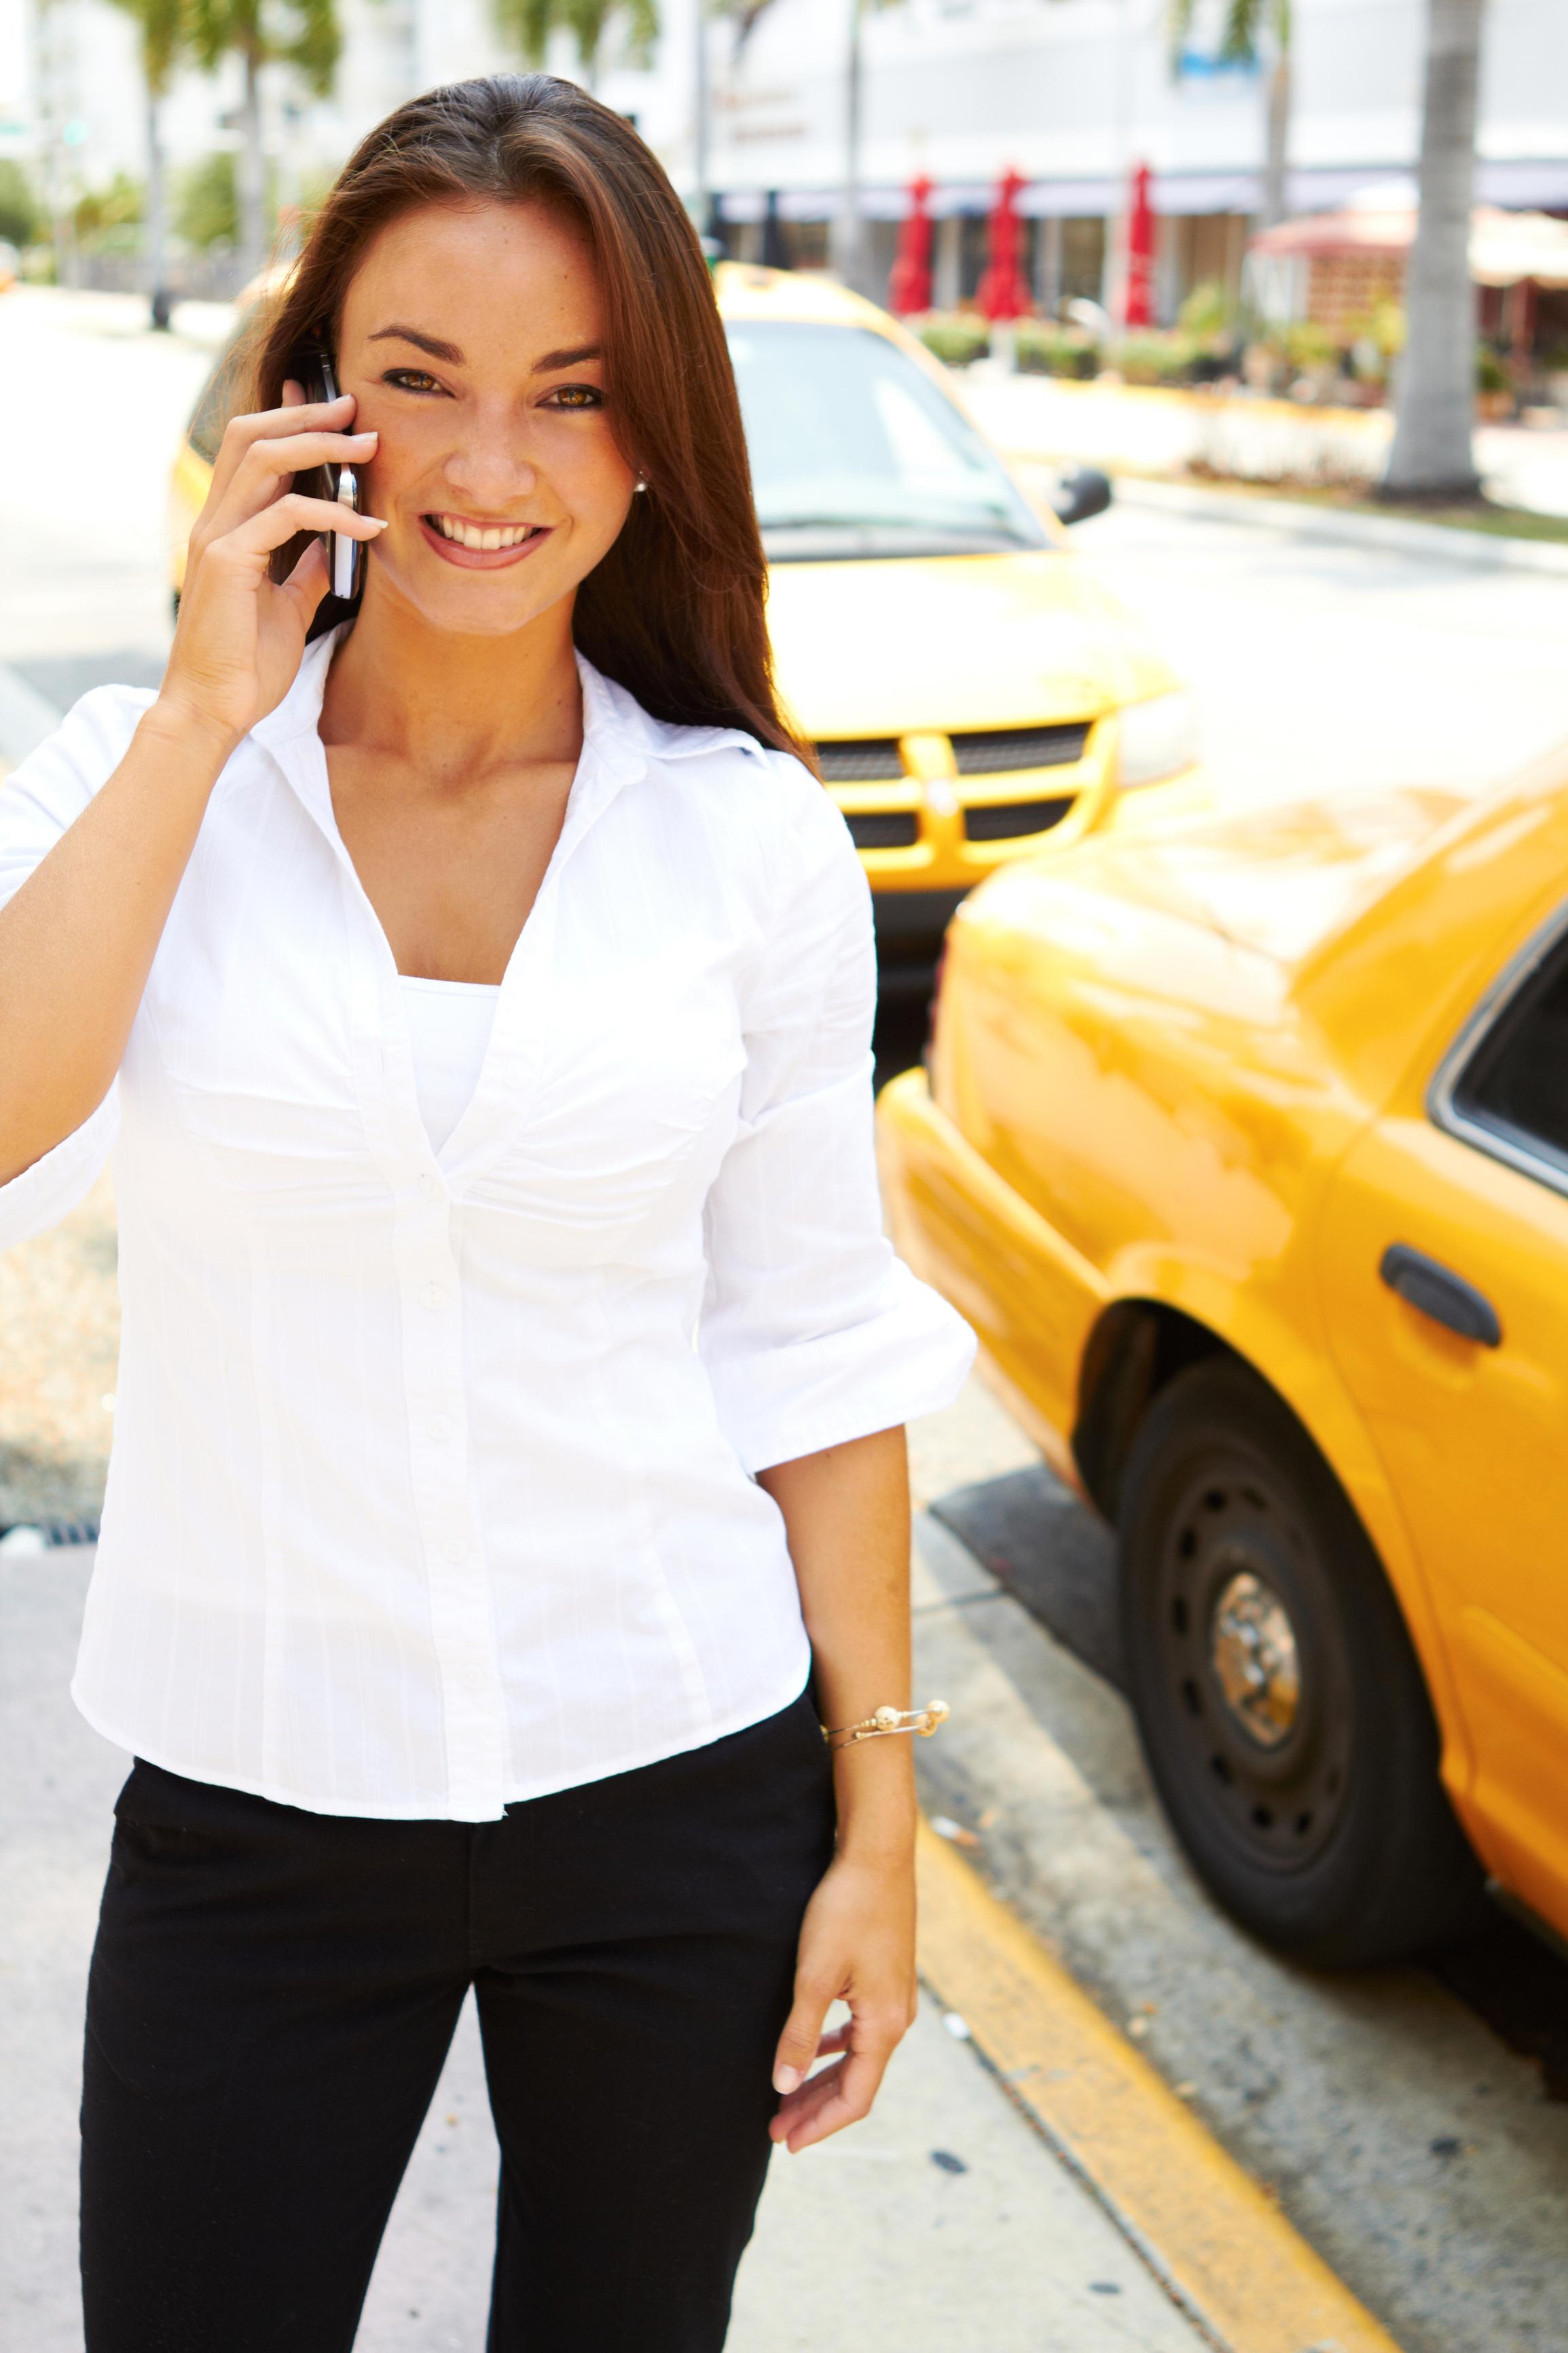 Local Taxi Cab